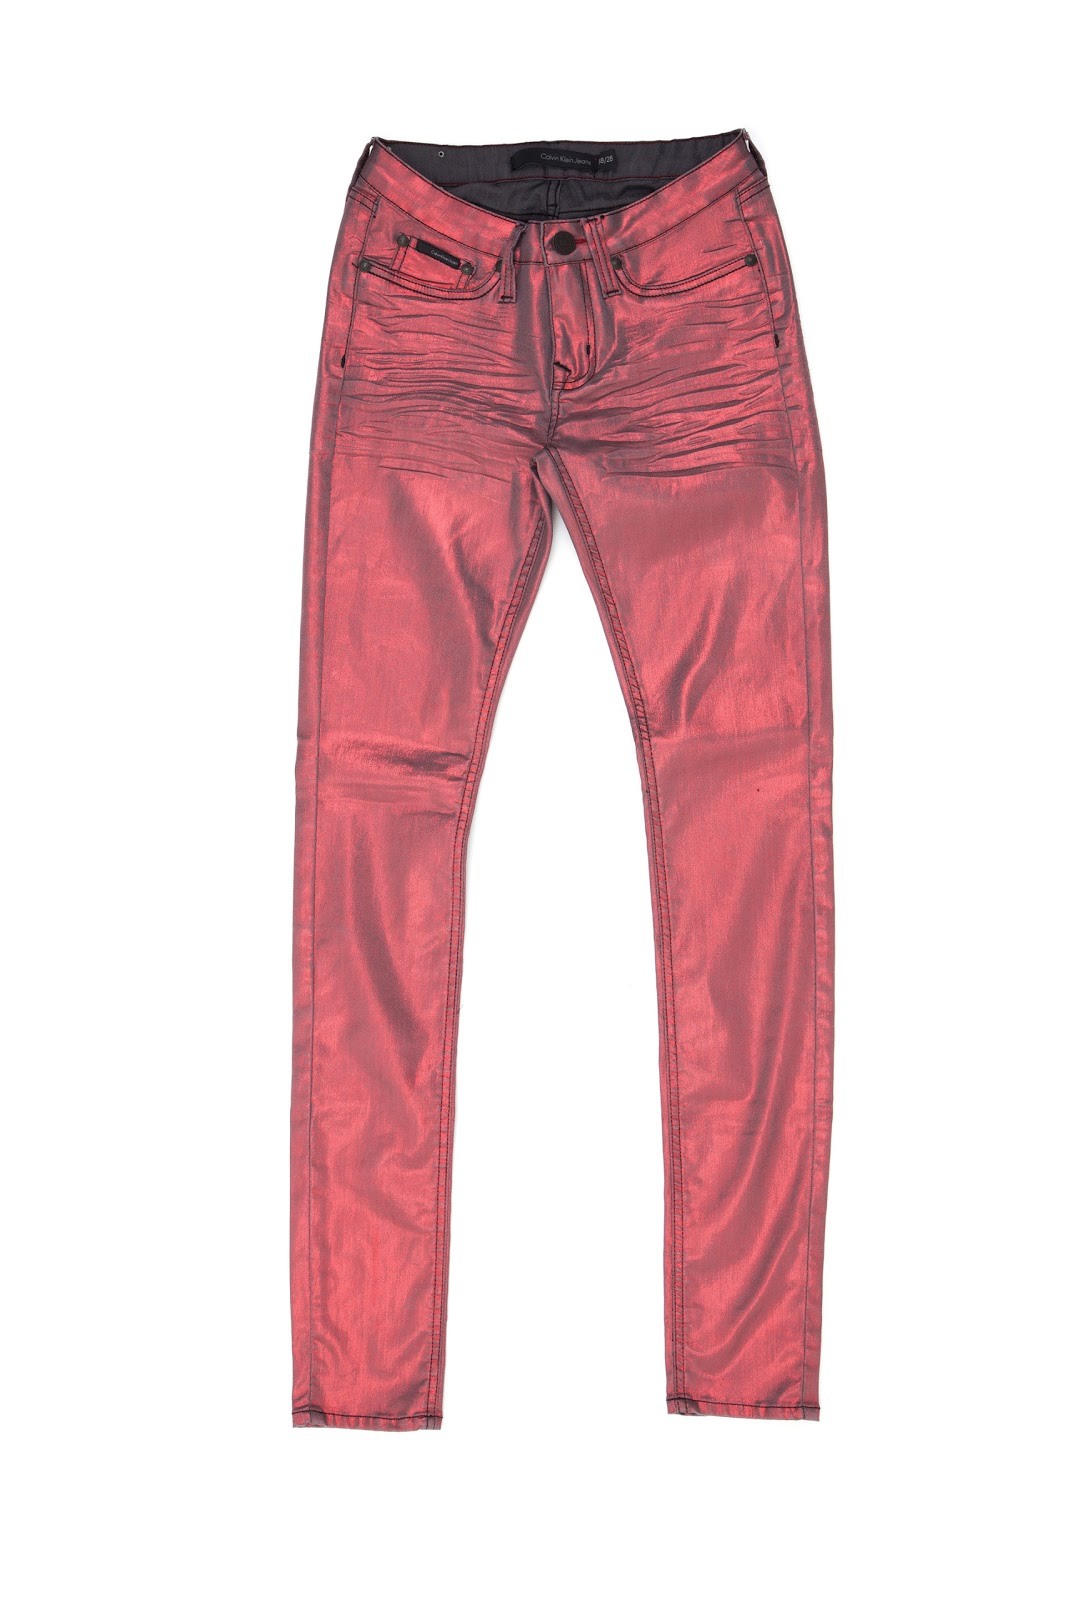 Em Curitiba, a Liquid Metal pode ser encontrada nas lojas Calvin Klein Jeans  do ParkShoppingBarigüi e do Shopping Crystal. c7c93dc373